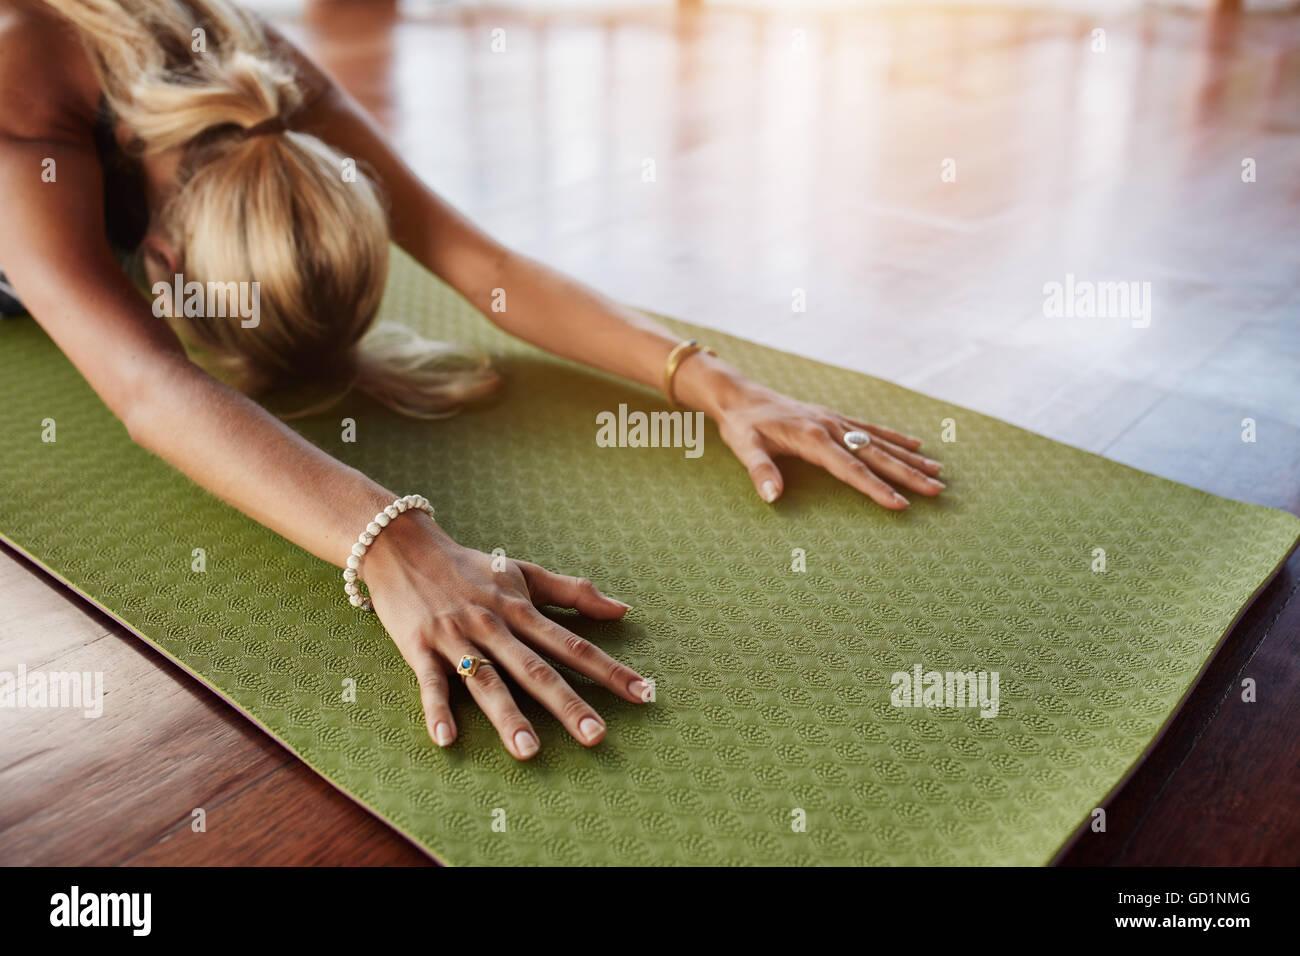 Femmina facendo stretching allenamento sul tappeto di esercizio. Donna balasana facendo yoga in palestra, con focus Immagini Stock